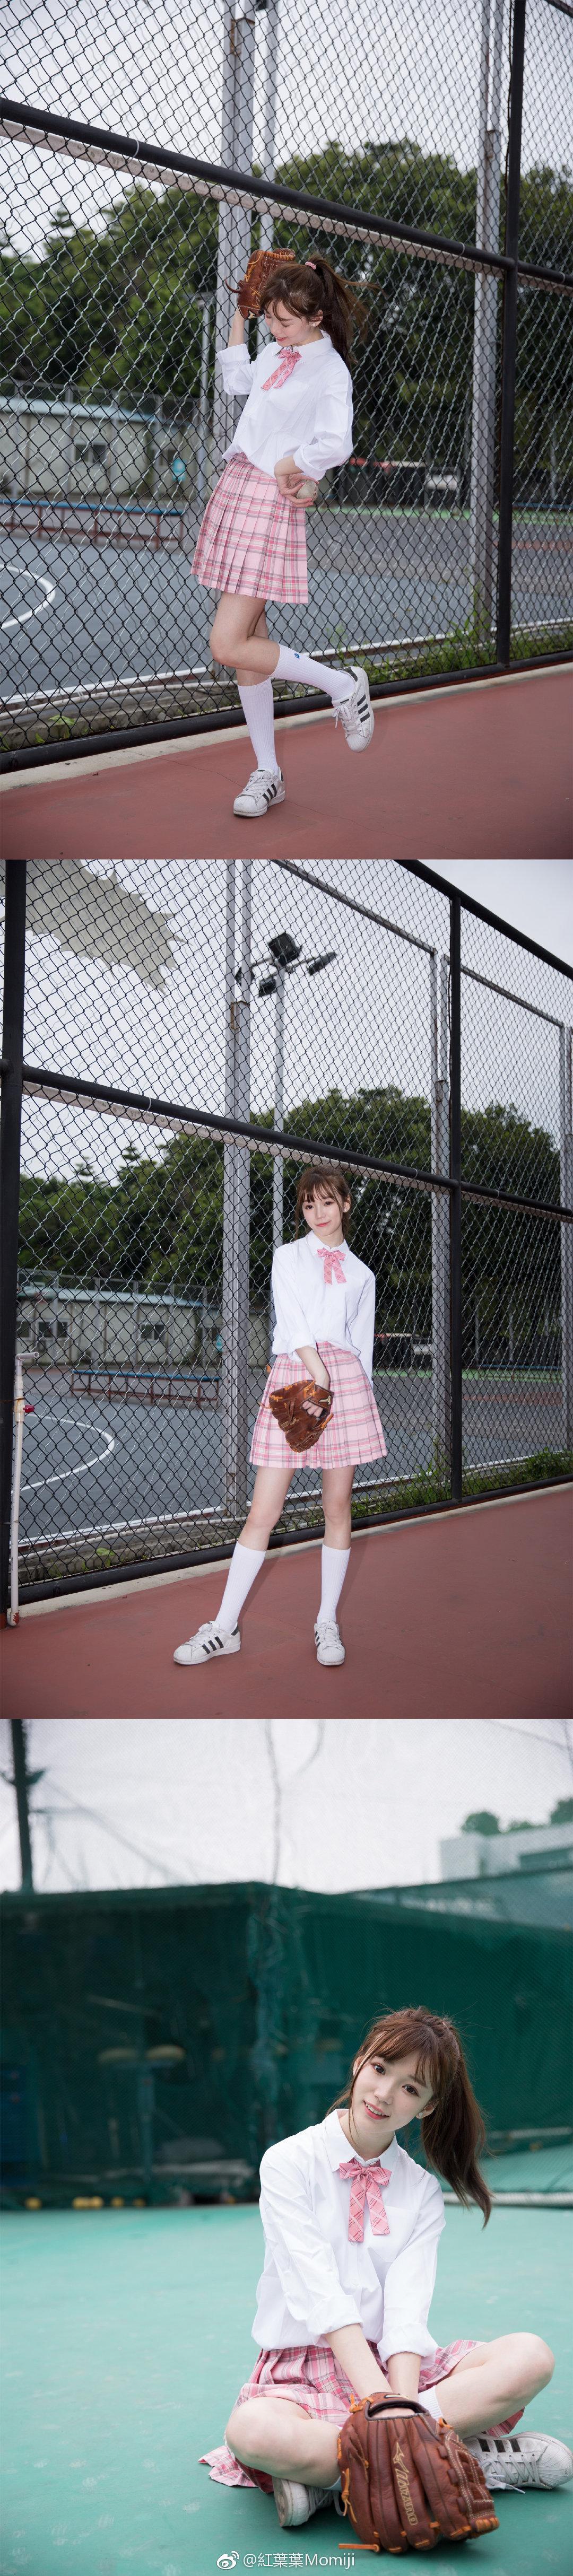 棒球少女插图3